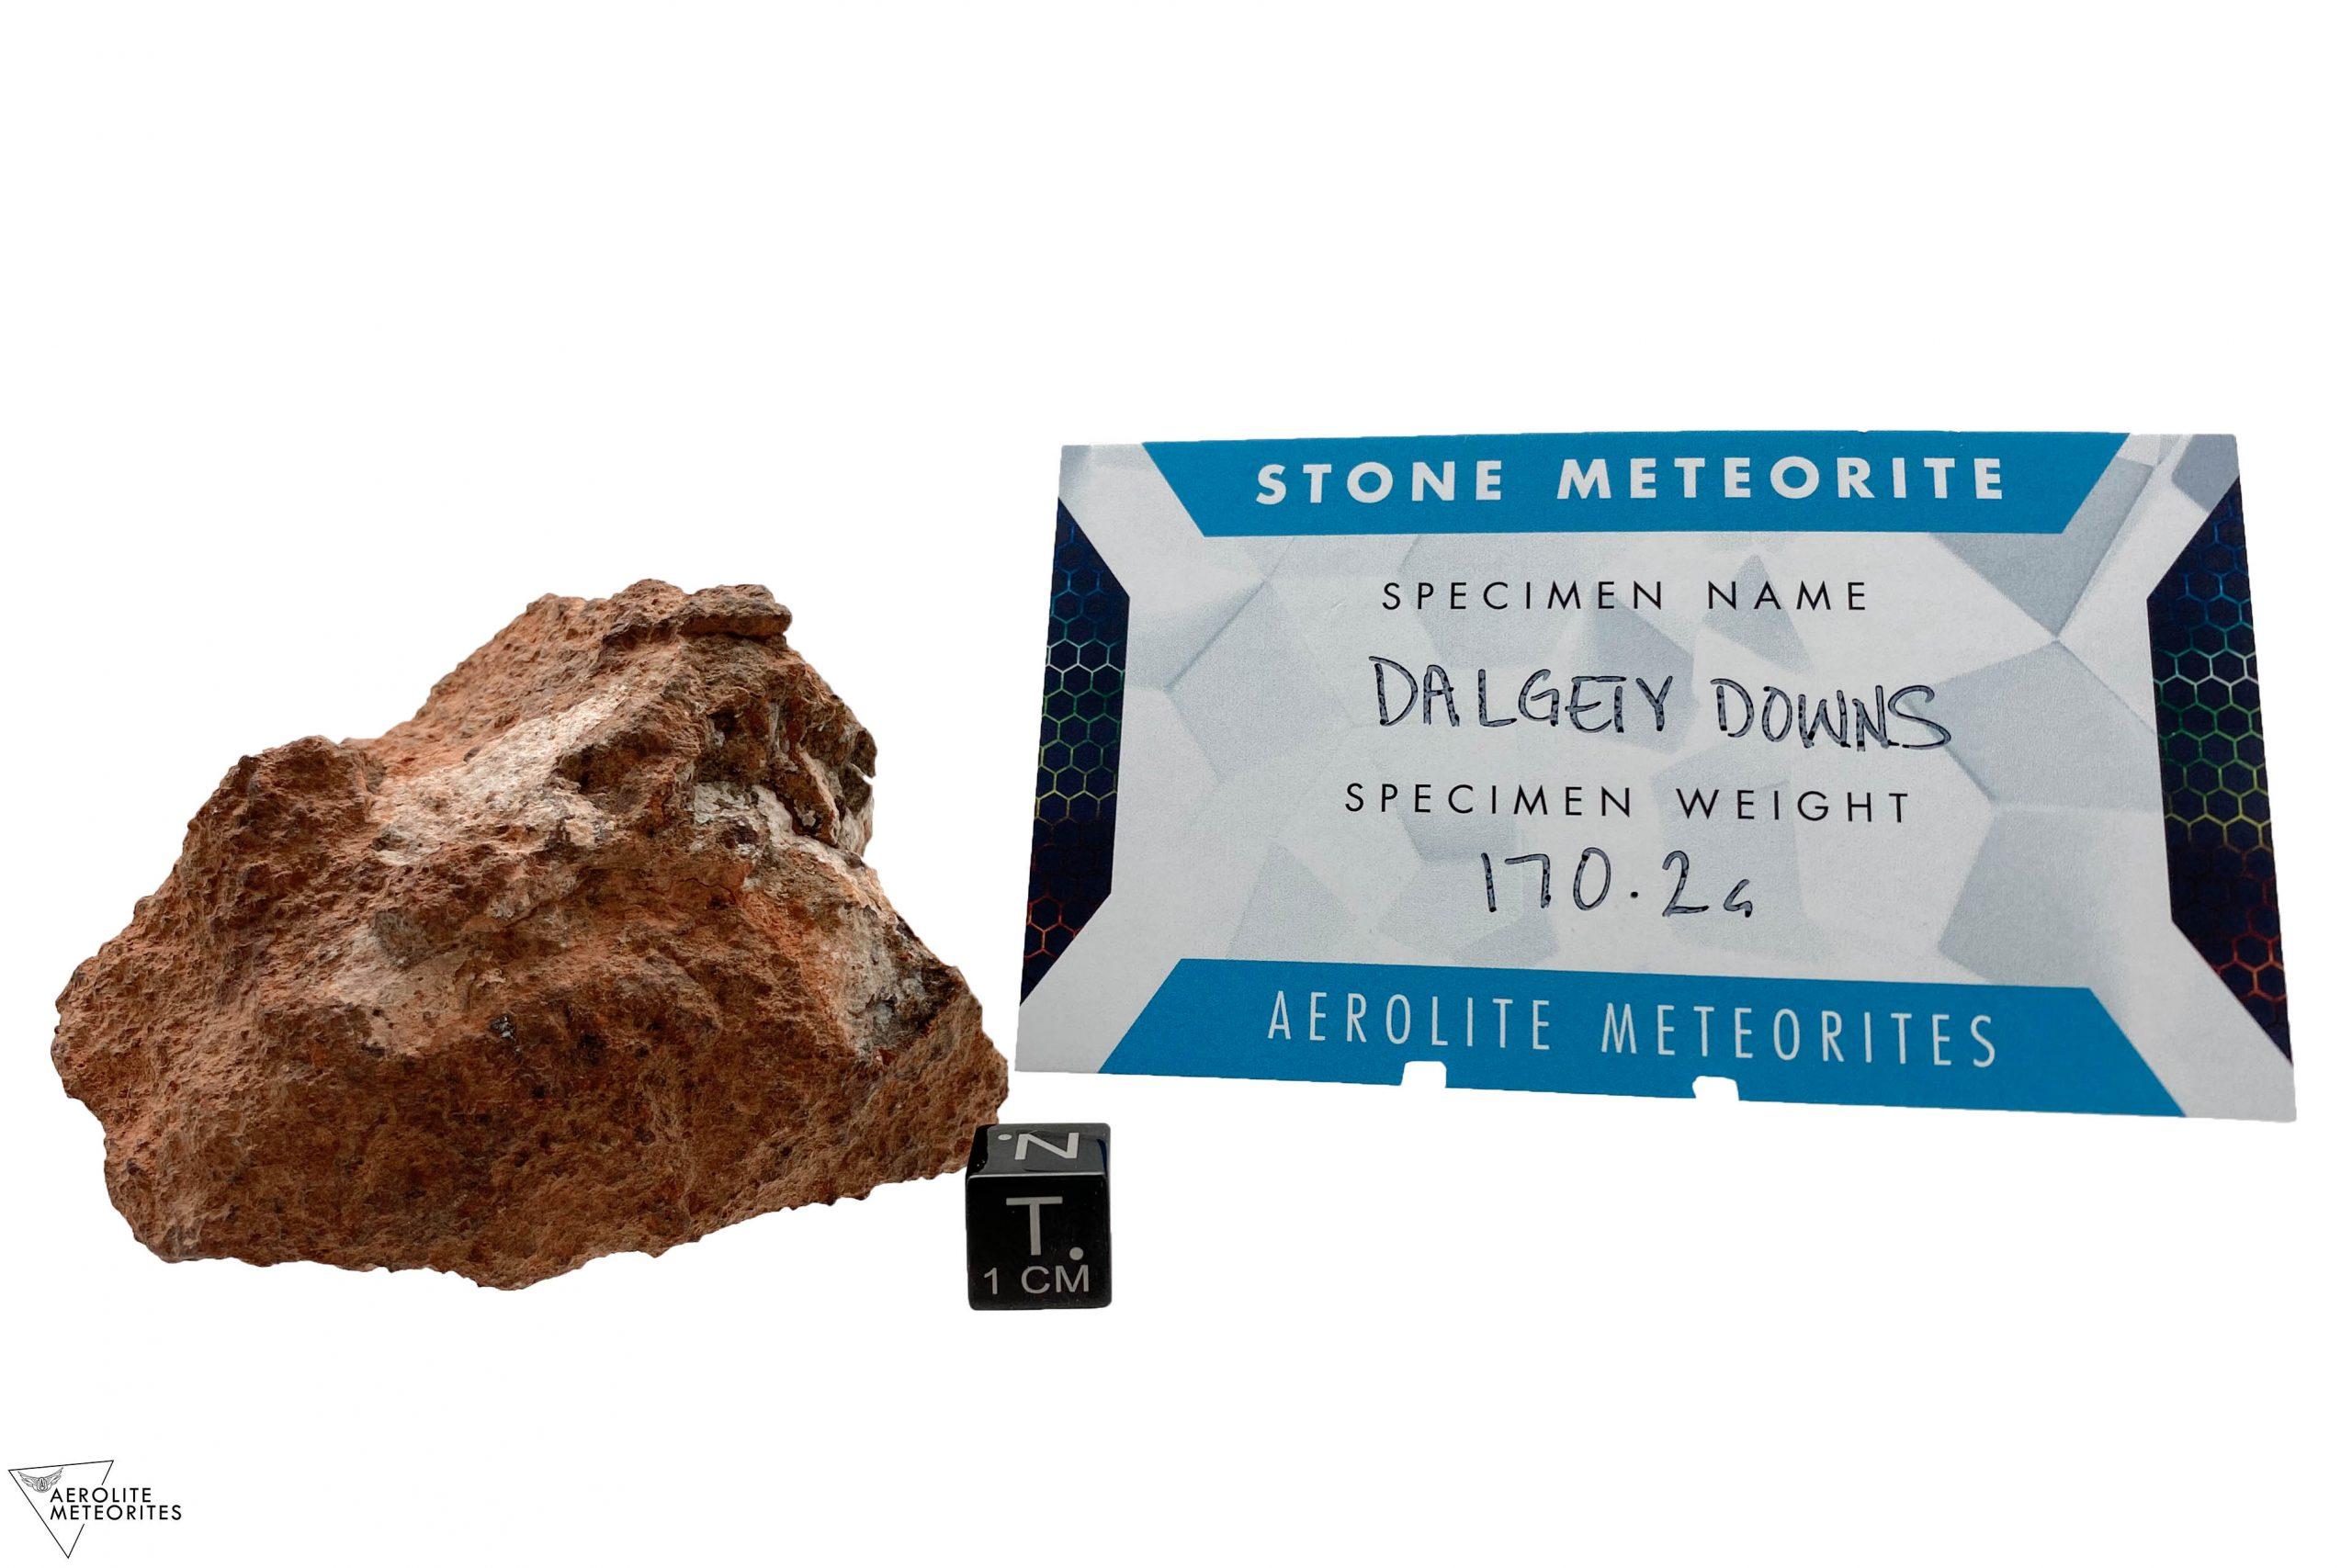 dalgety downs 170.2